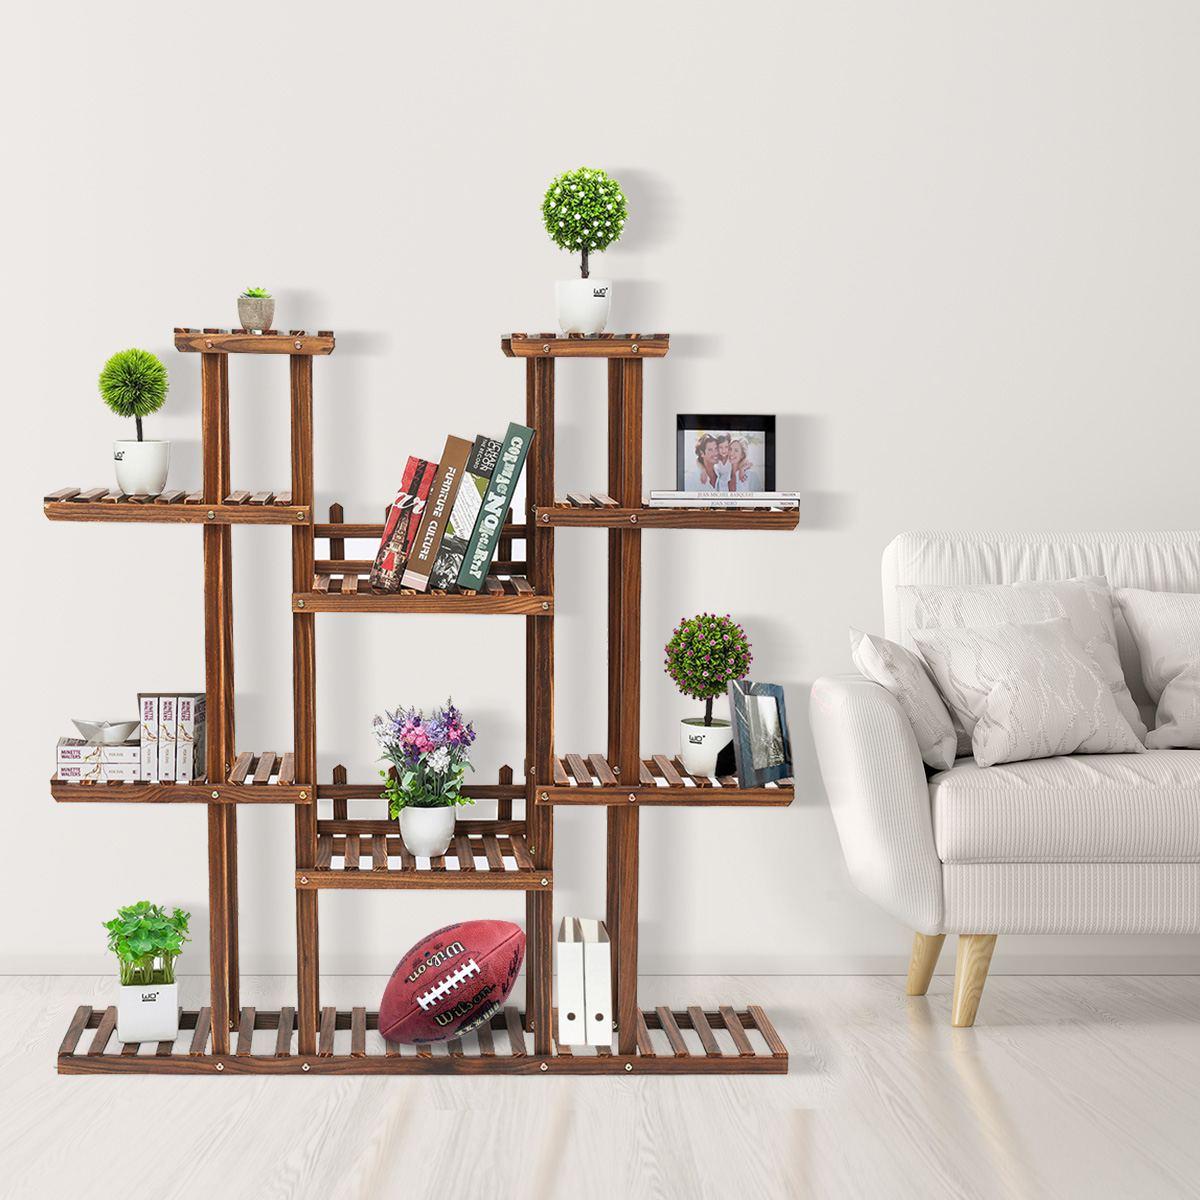 Étagère en bois massif livre Pot de fleur présentoir étagères de rangement étagère en bois organisateur intérieur extérieur Patio décoration